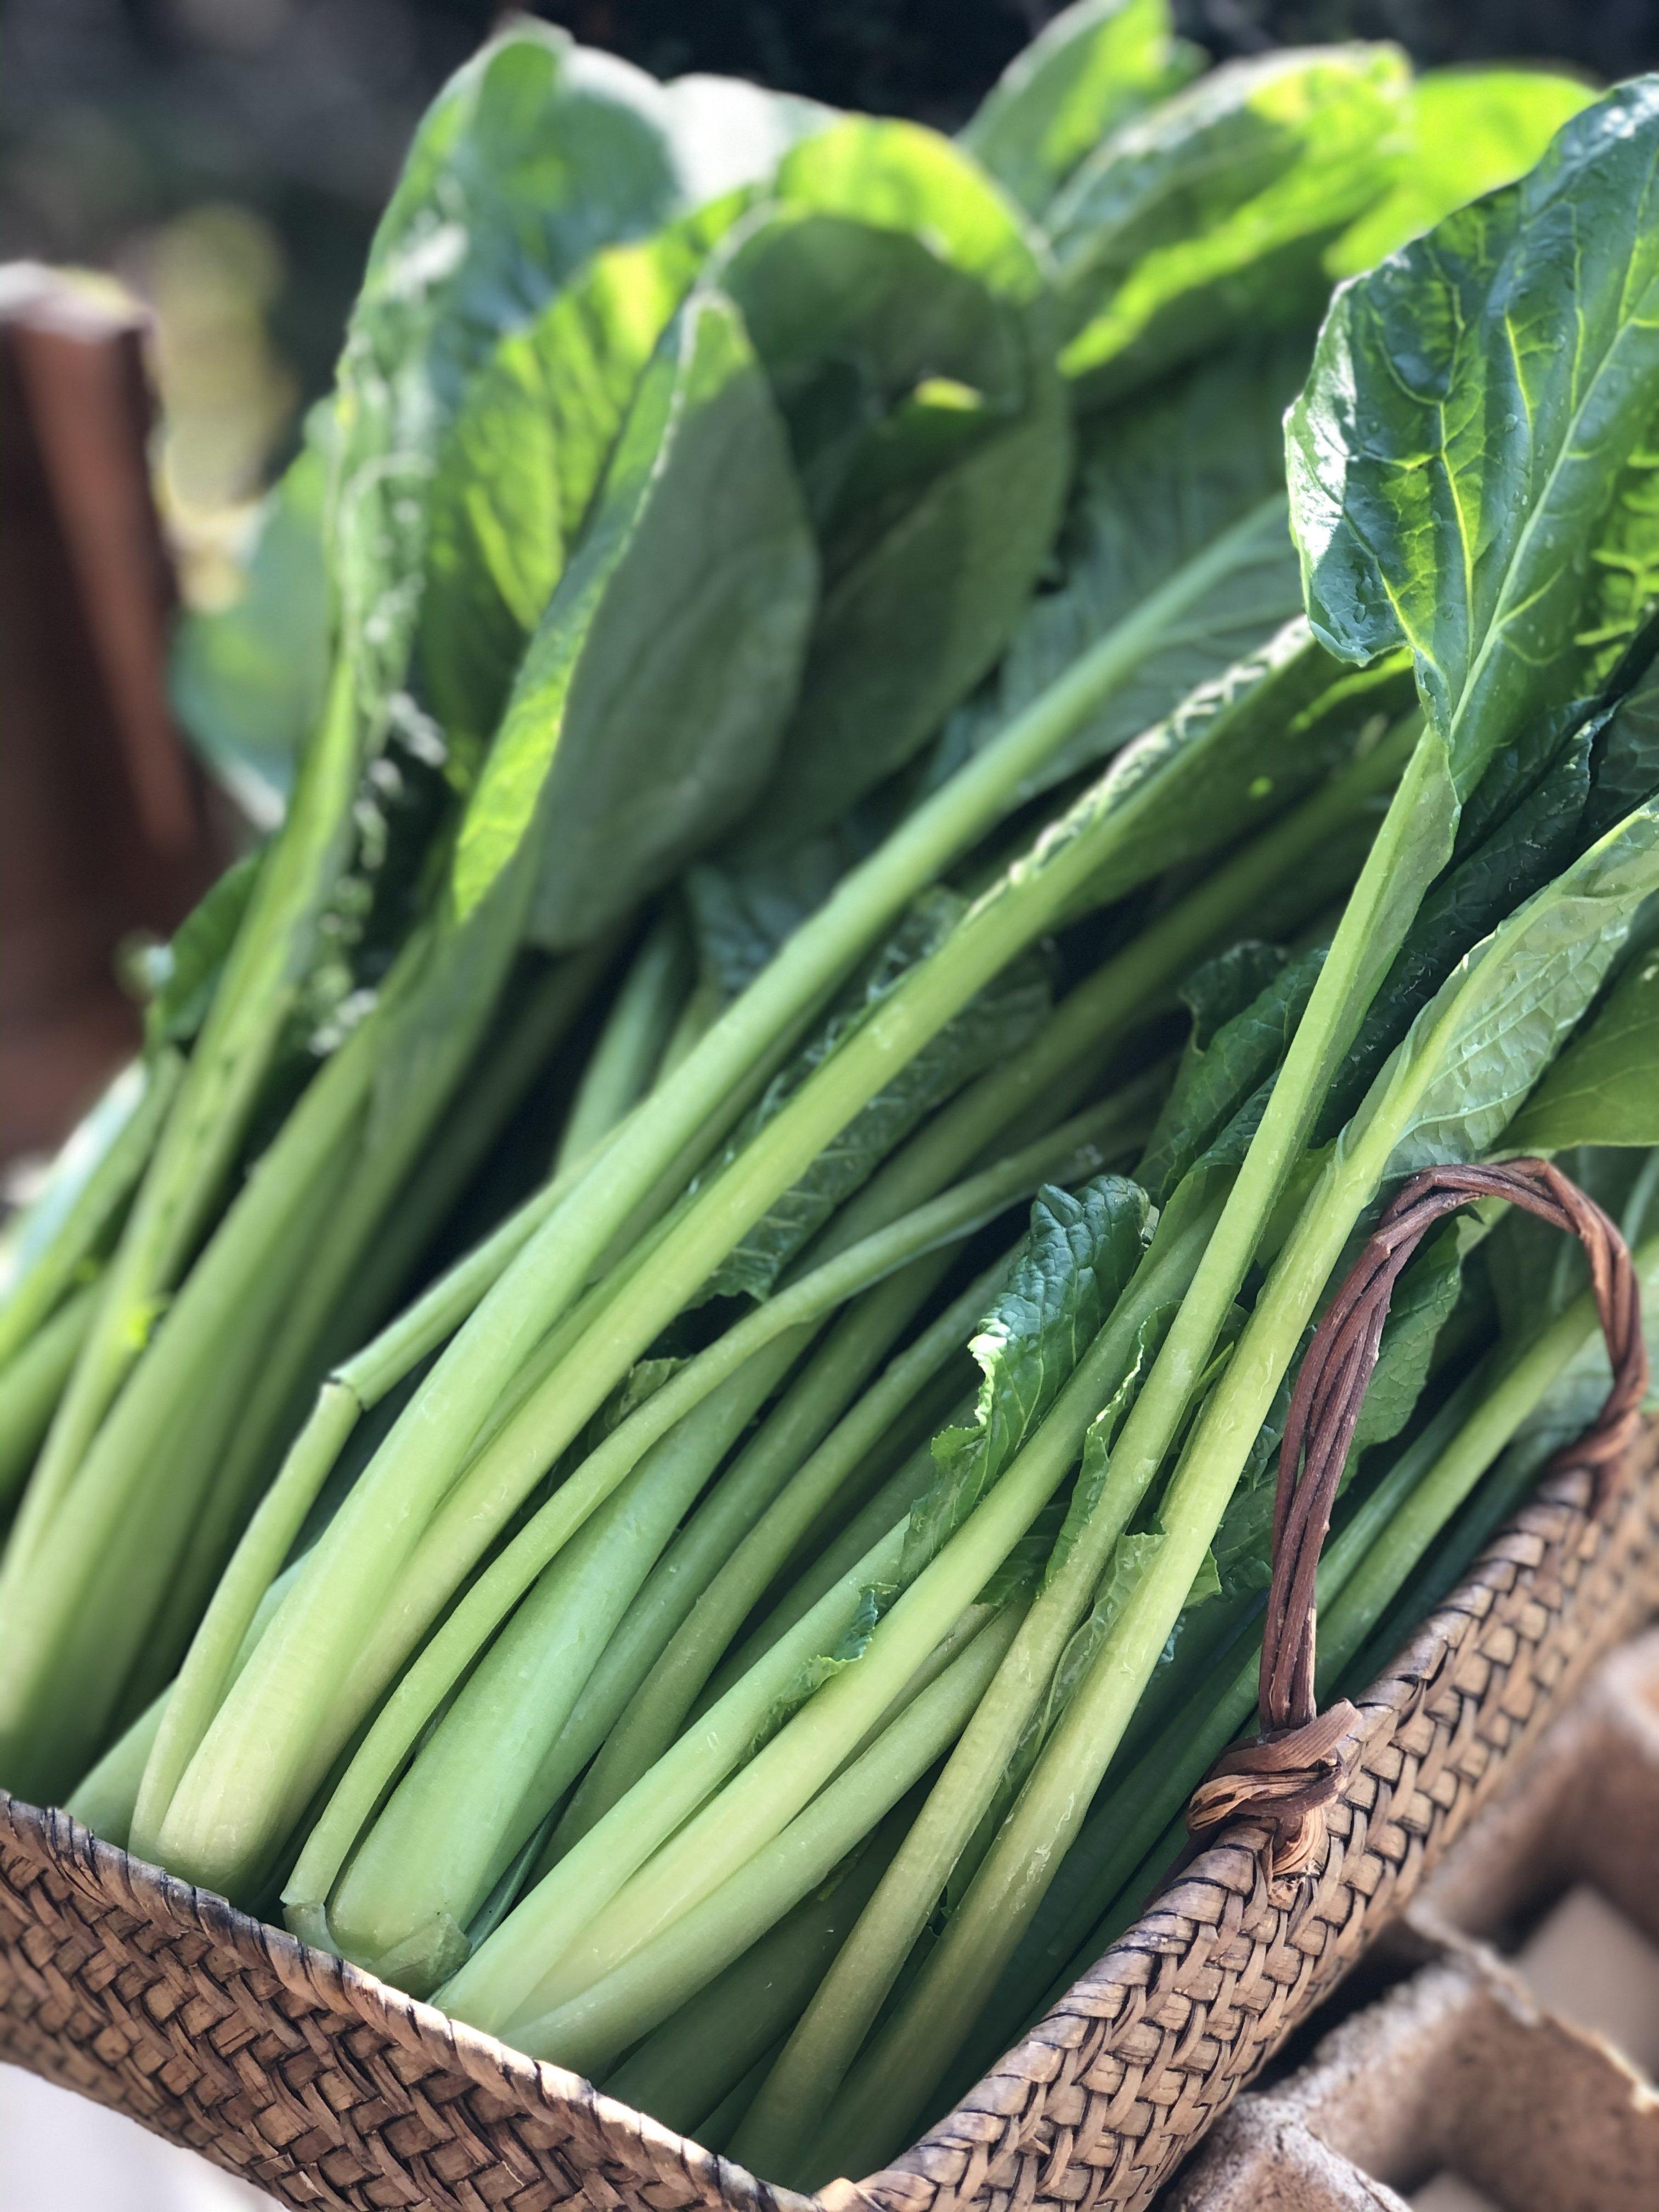 【現地受け渡し/デリバリー専用】朝摘み/小松菜/約1k g[さすてな農園]のイメージその2